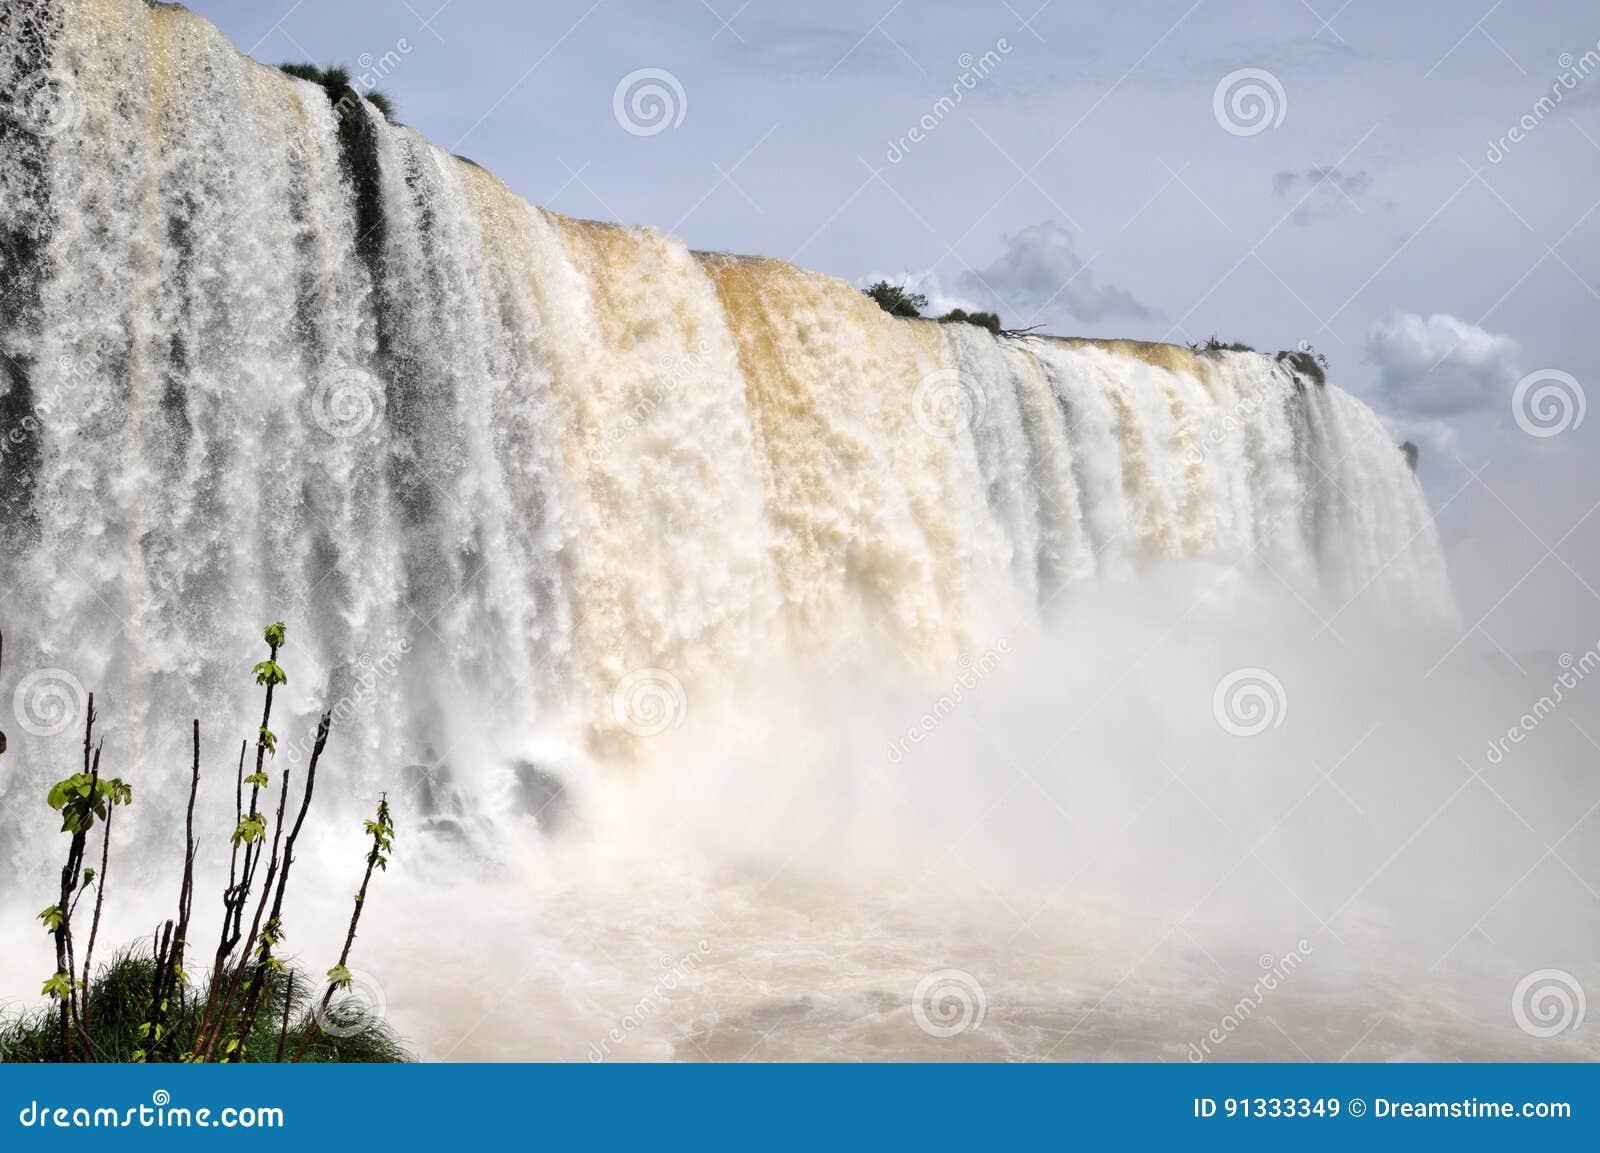 Iguazu Falls brasiliansida